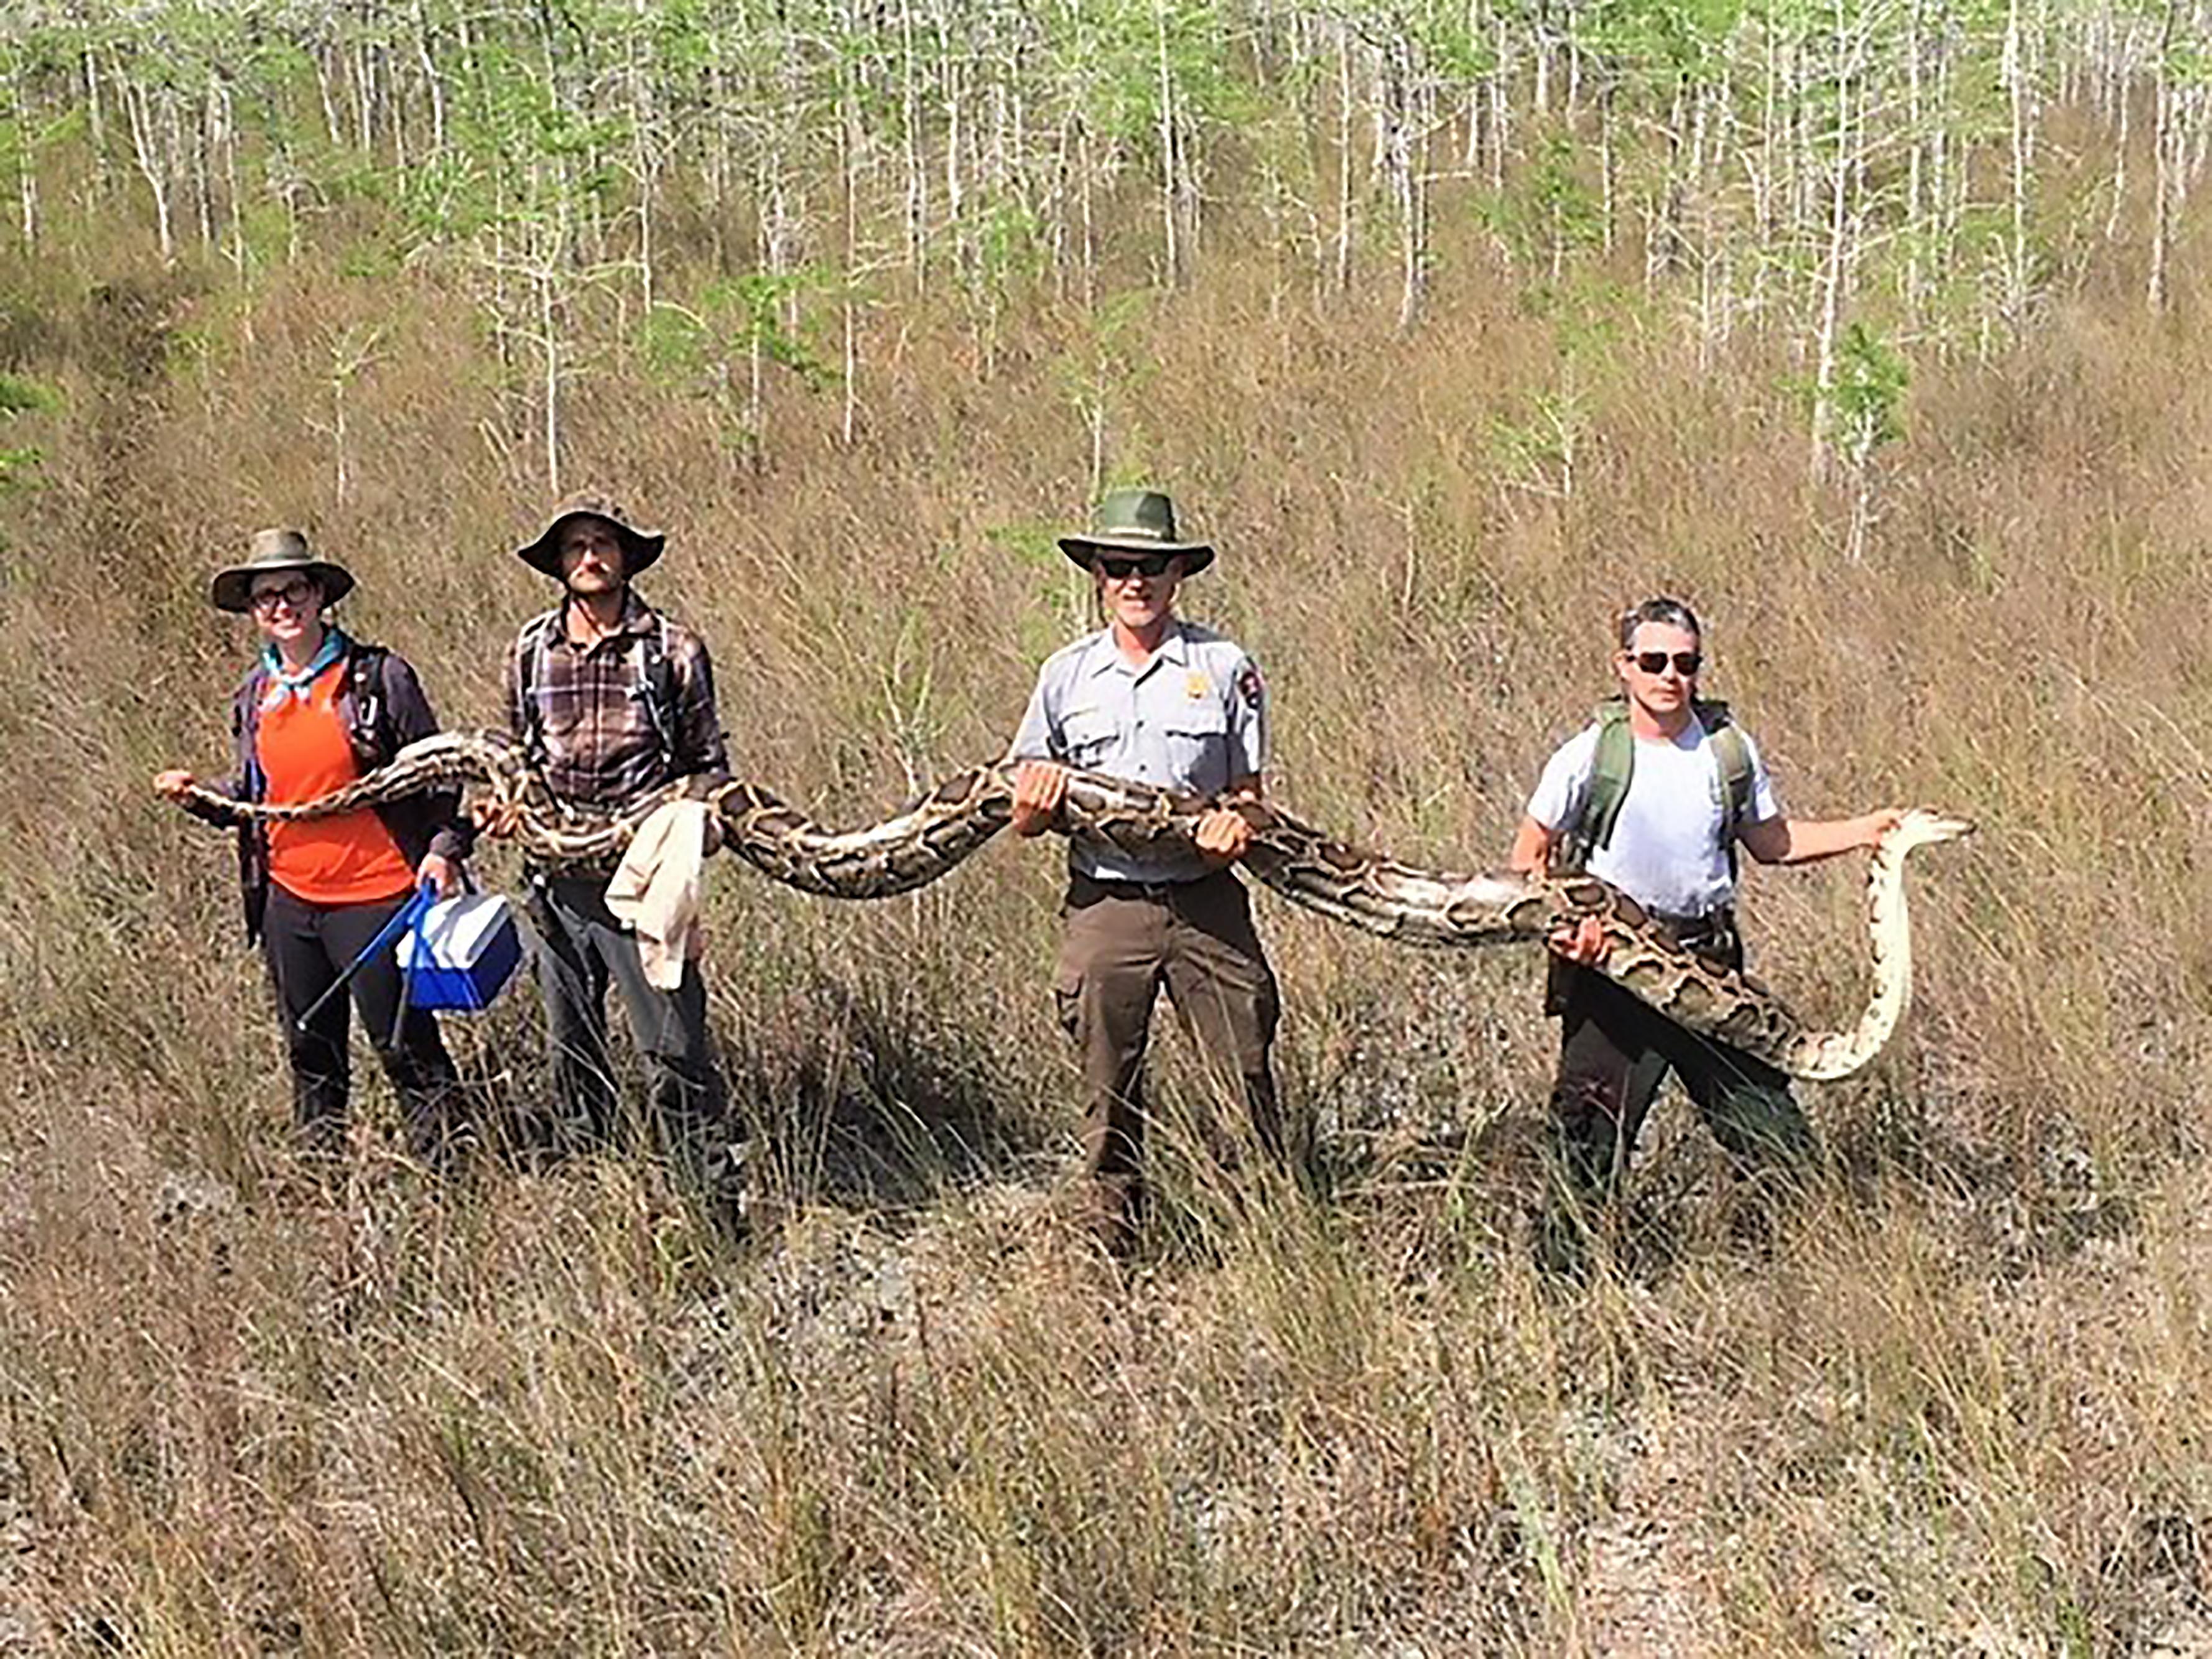 Akkora kígyót találtak Floridában, amekkora egy szarvast is lenyelhetett volna